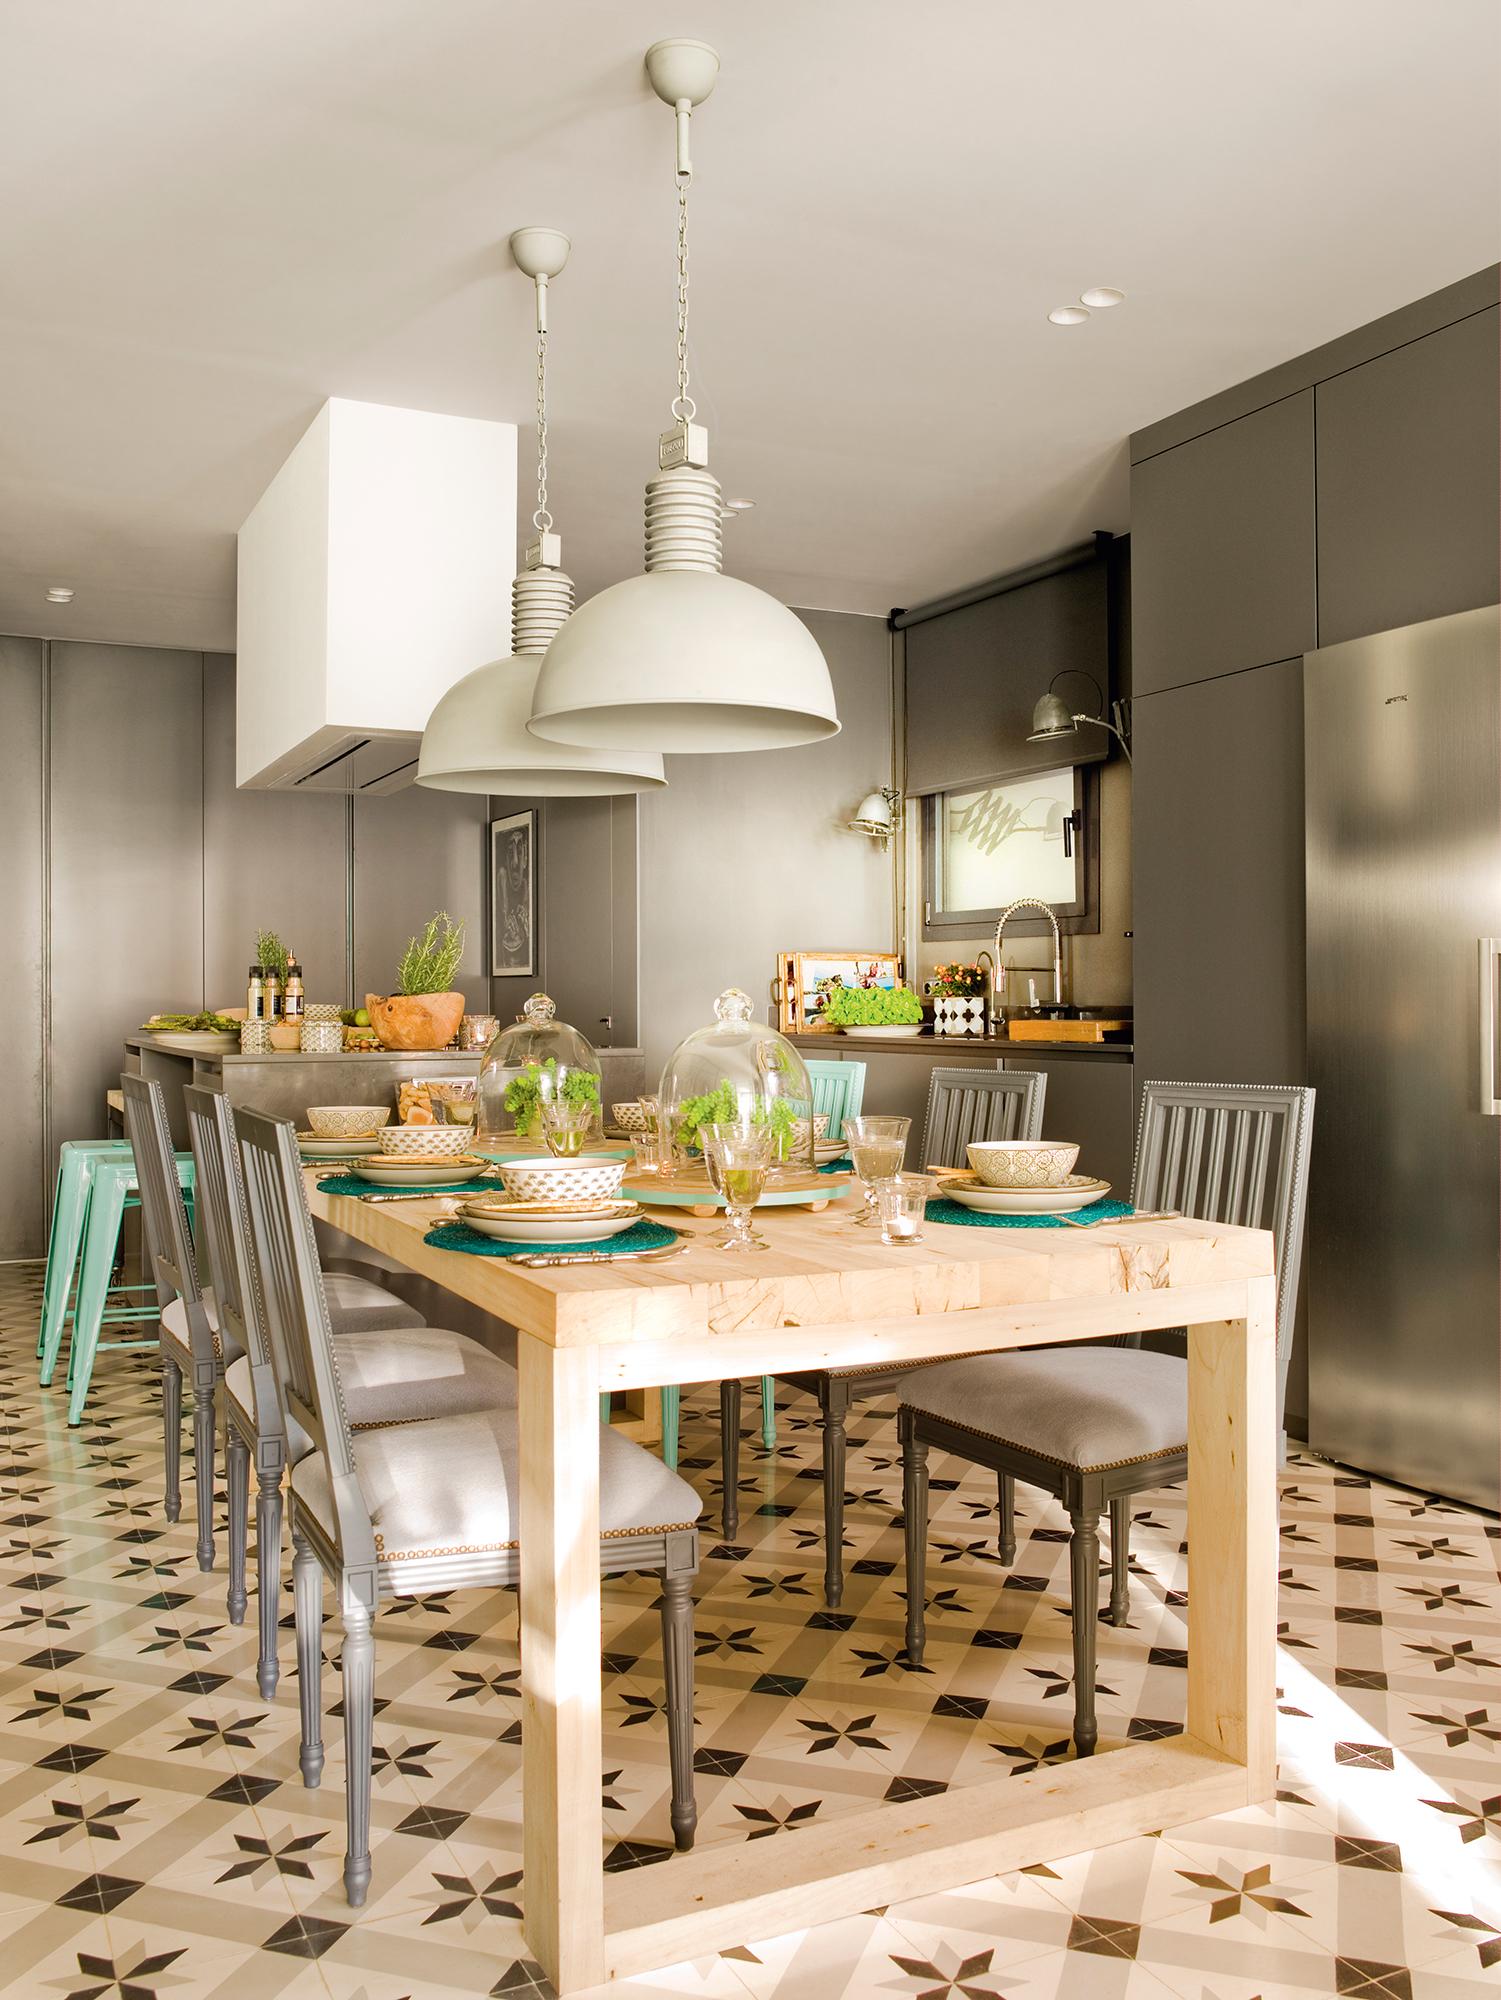 cocina-con-muebles-grises-isla-y-mesa-de-madera-adosada_-00397858_837127f0.jpg